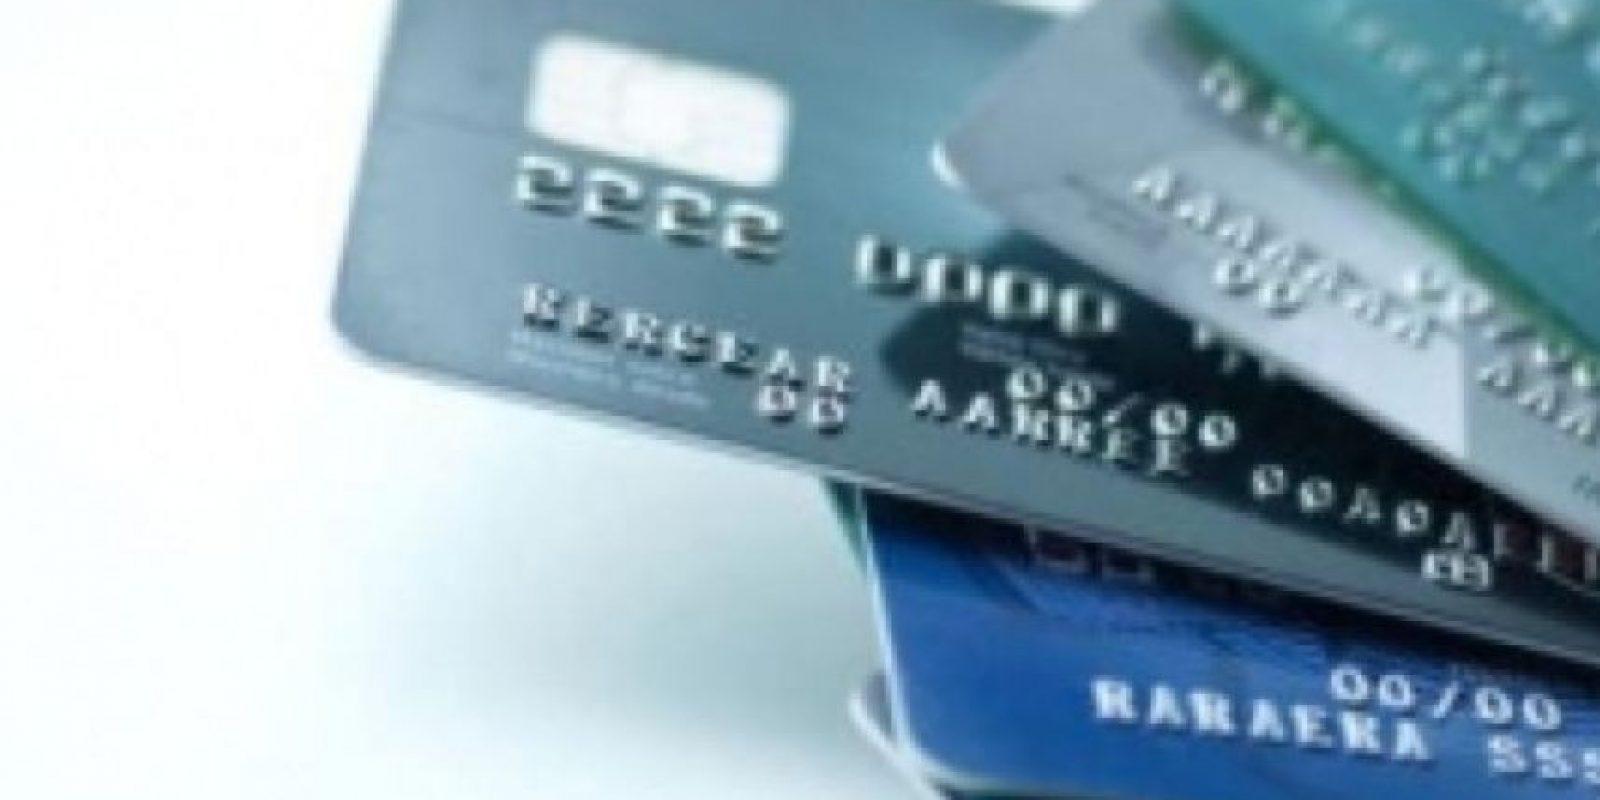 Se puede pagar desde la factura del celular, hasta la colegiatura escolar o boletos de avión. Foto:Pinterest